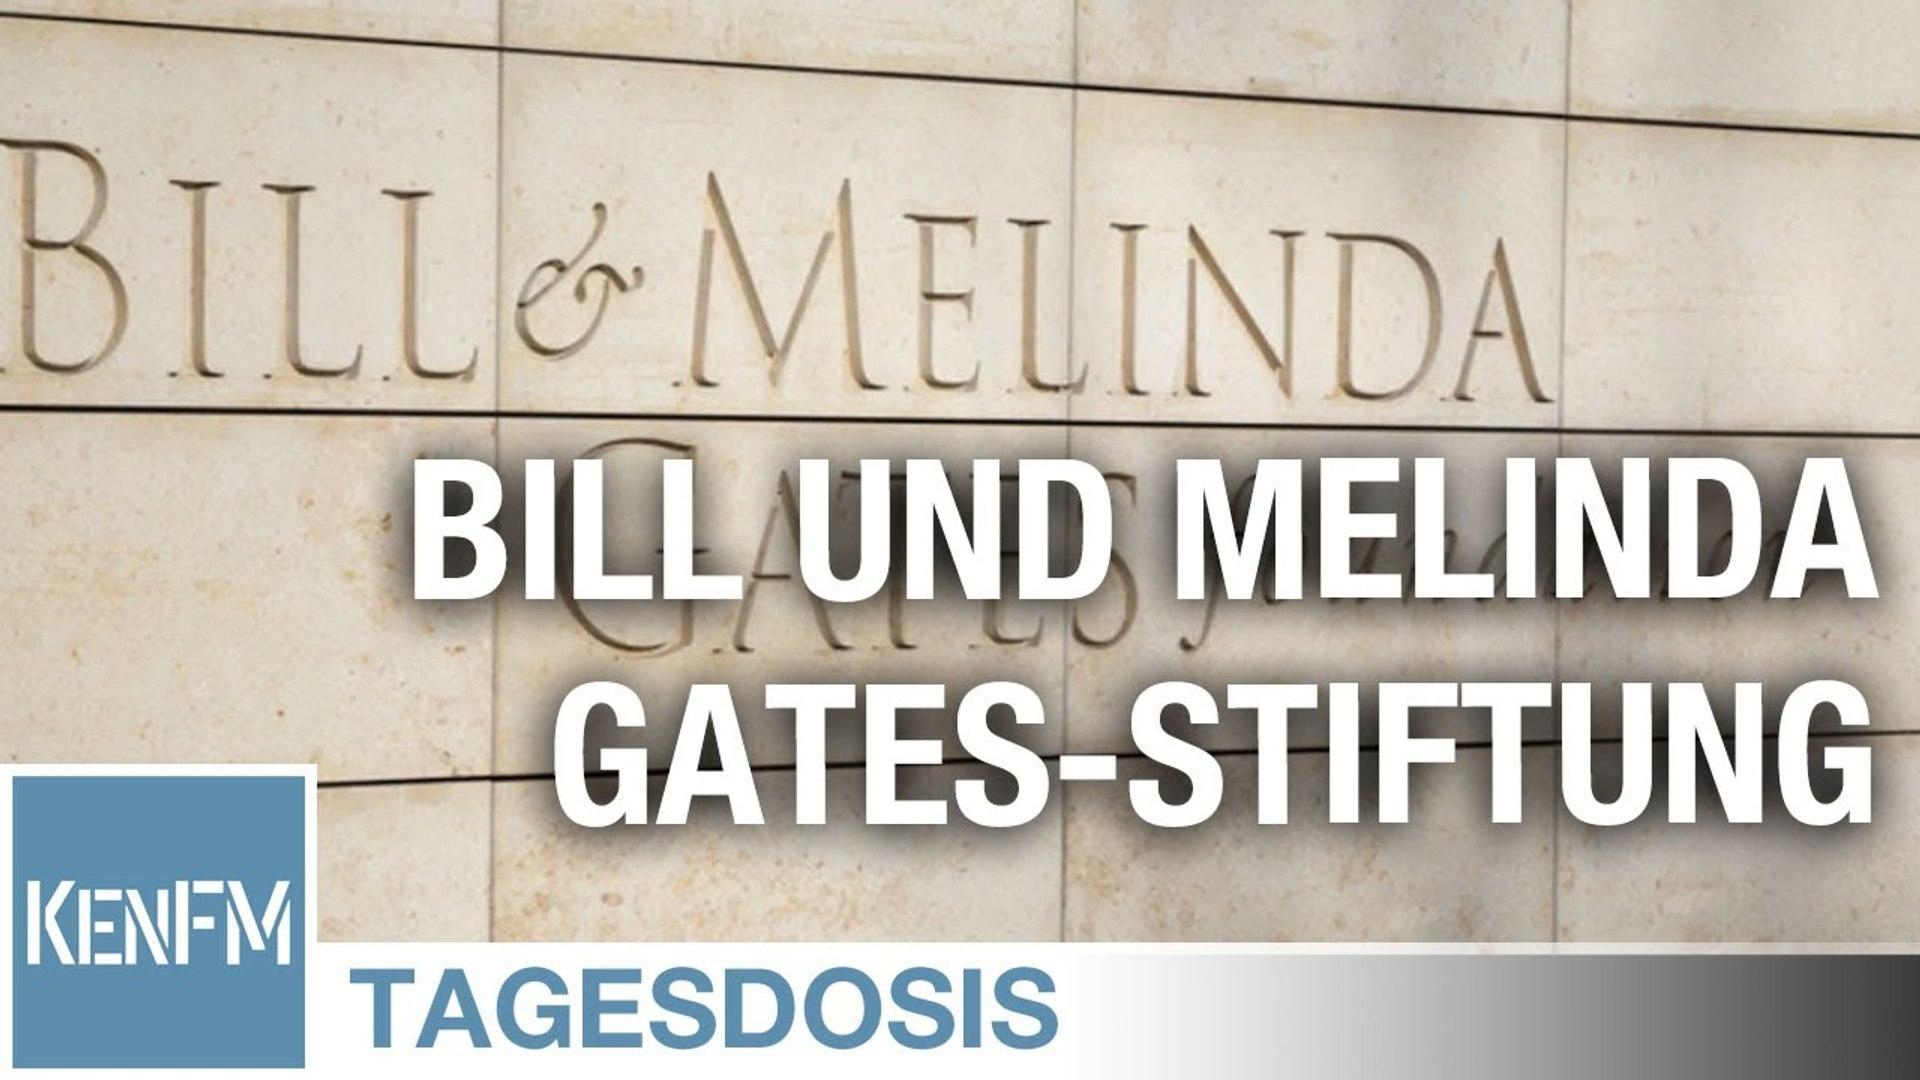 Tagesdosis 24.4.2020 – Die Bill und Melinda Gates-Stiftung